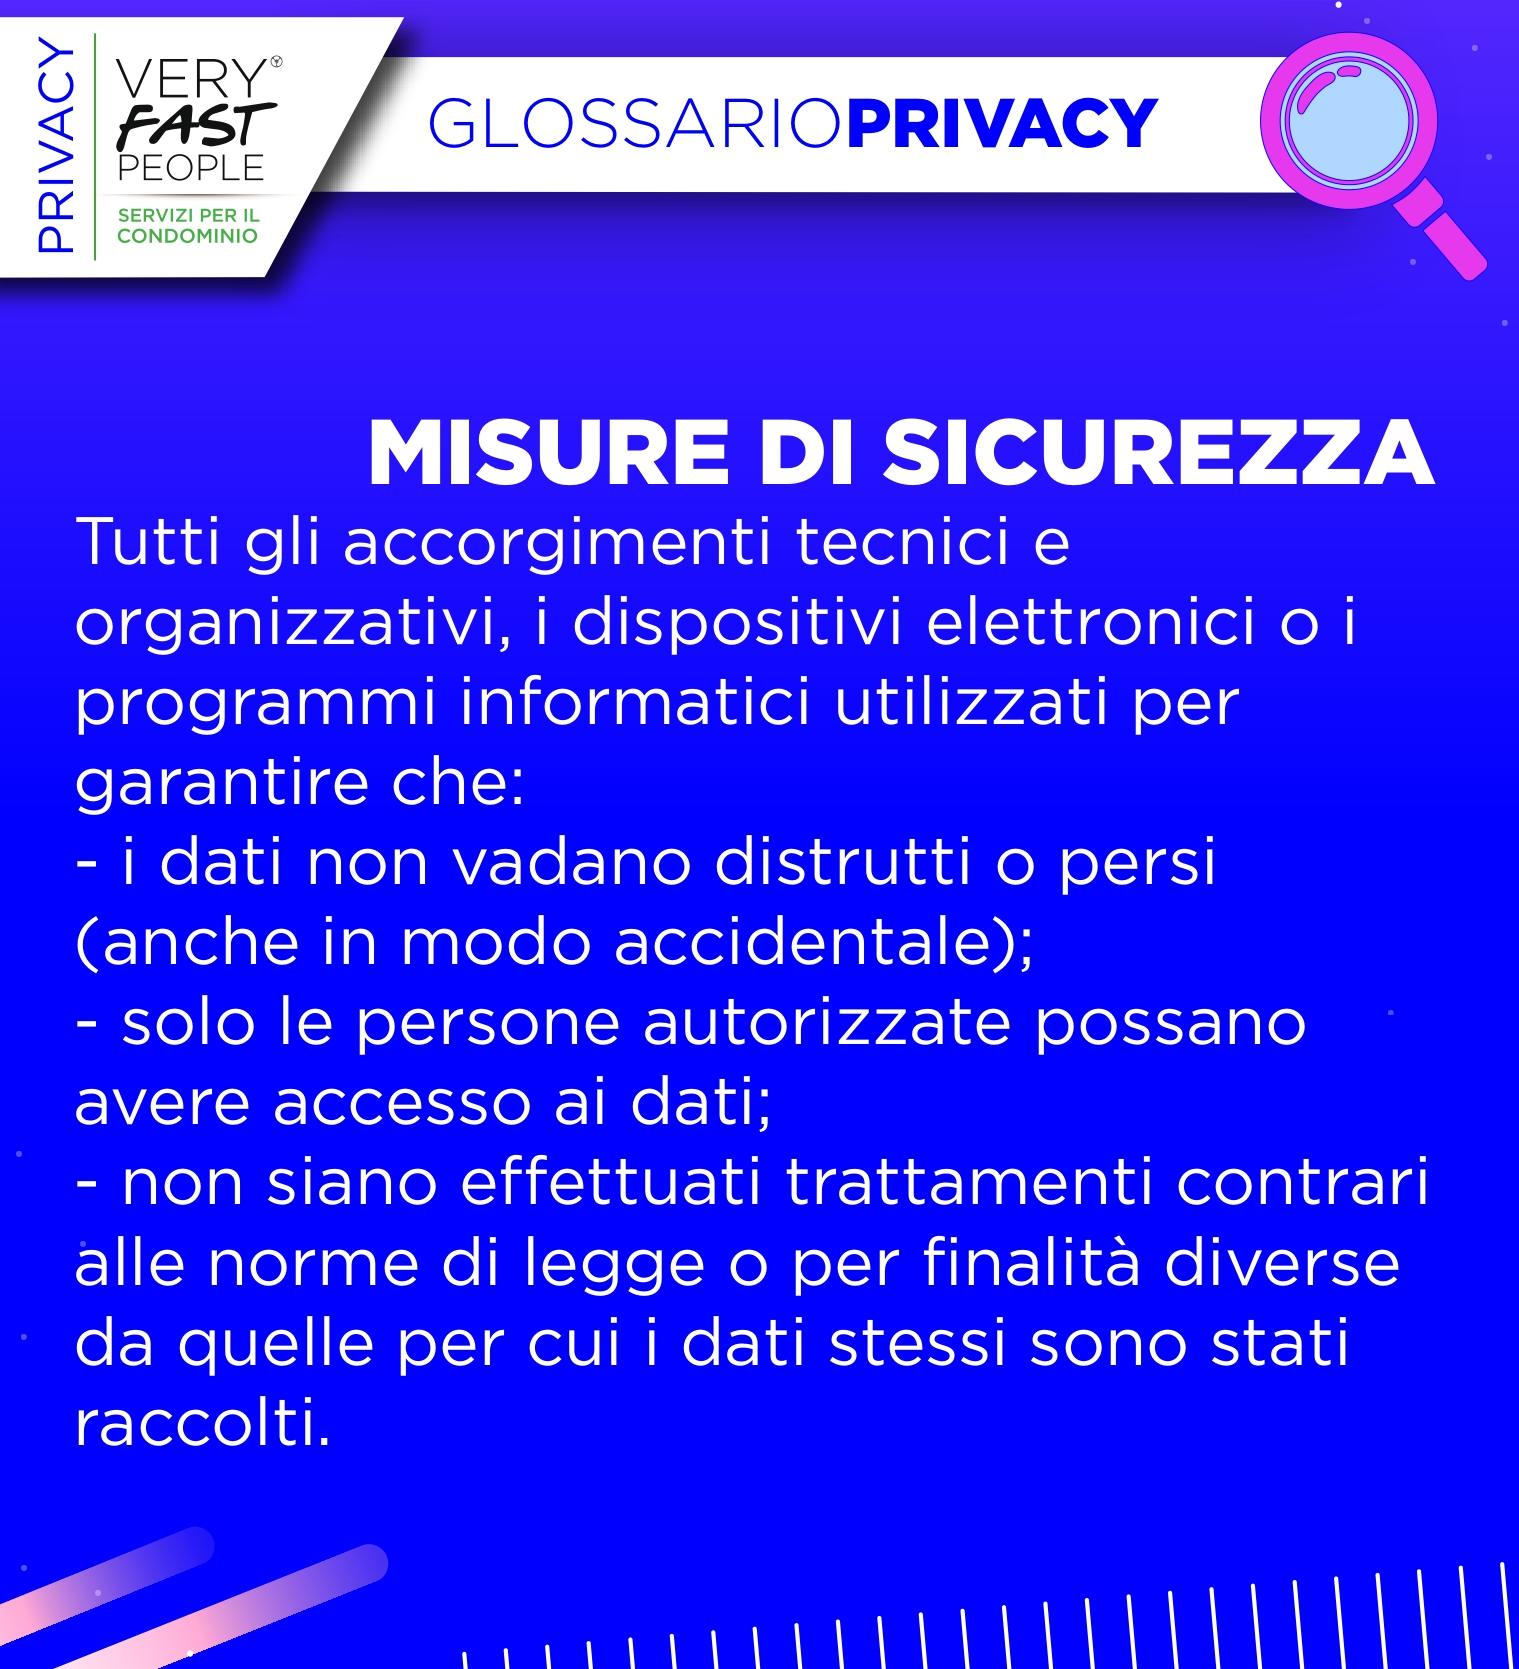 misure di sicurezza privacy